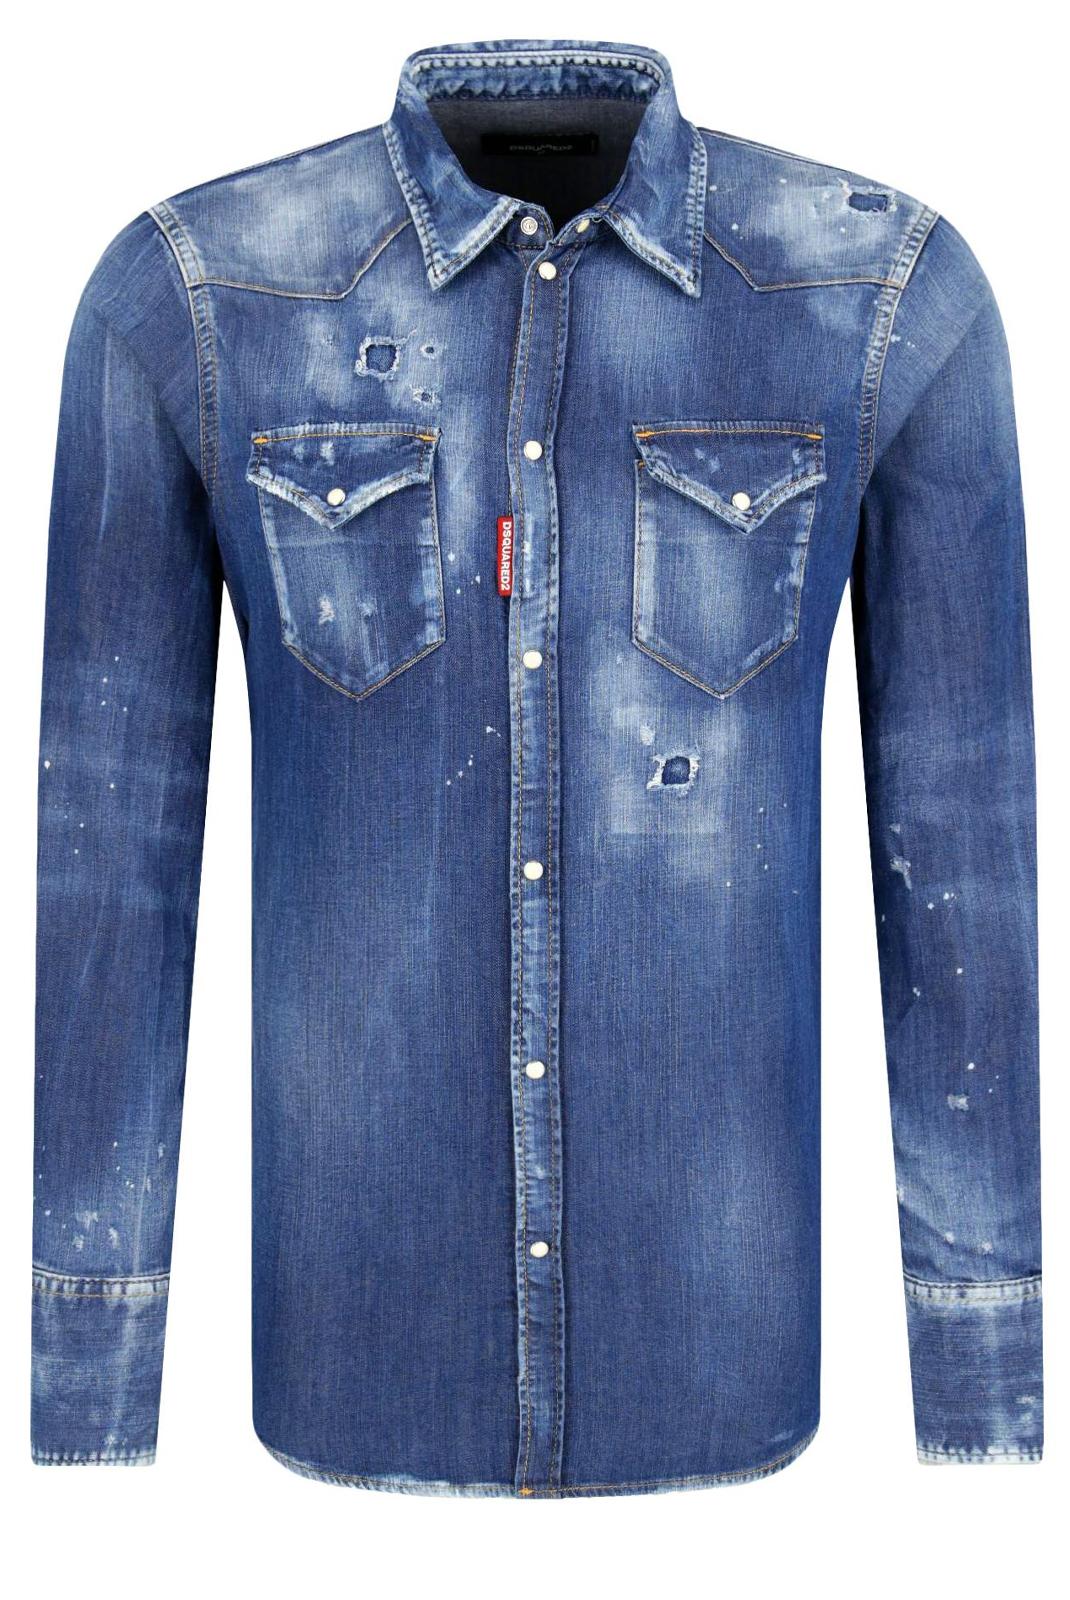 Chemises manches longues  Dsquared2 S74DM0226 470 bleu